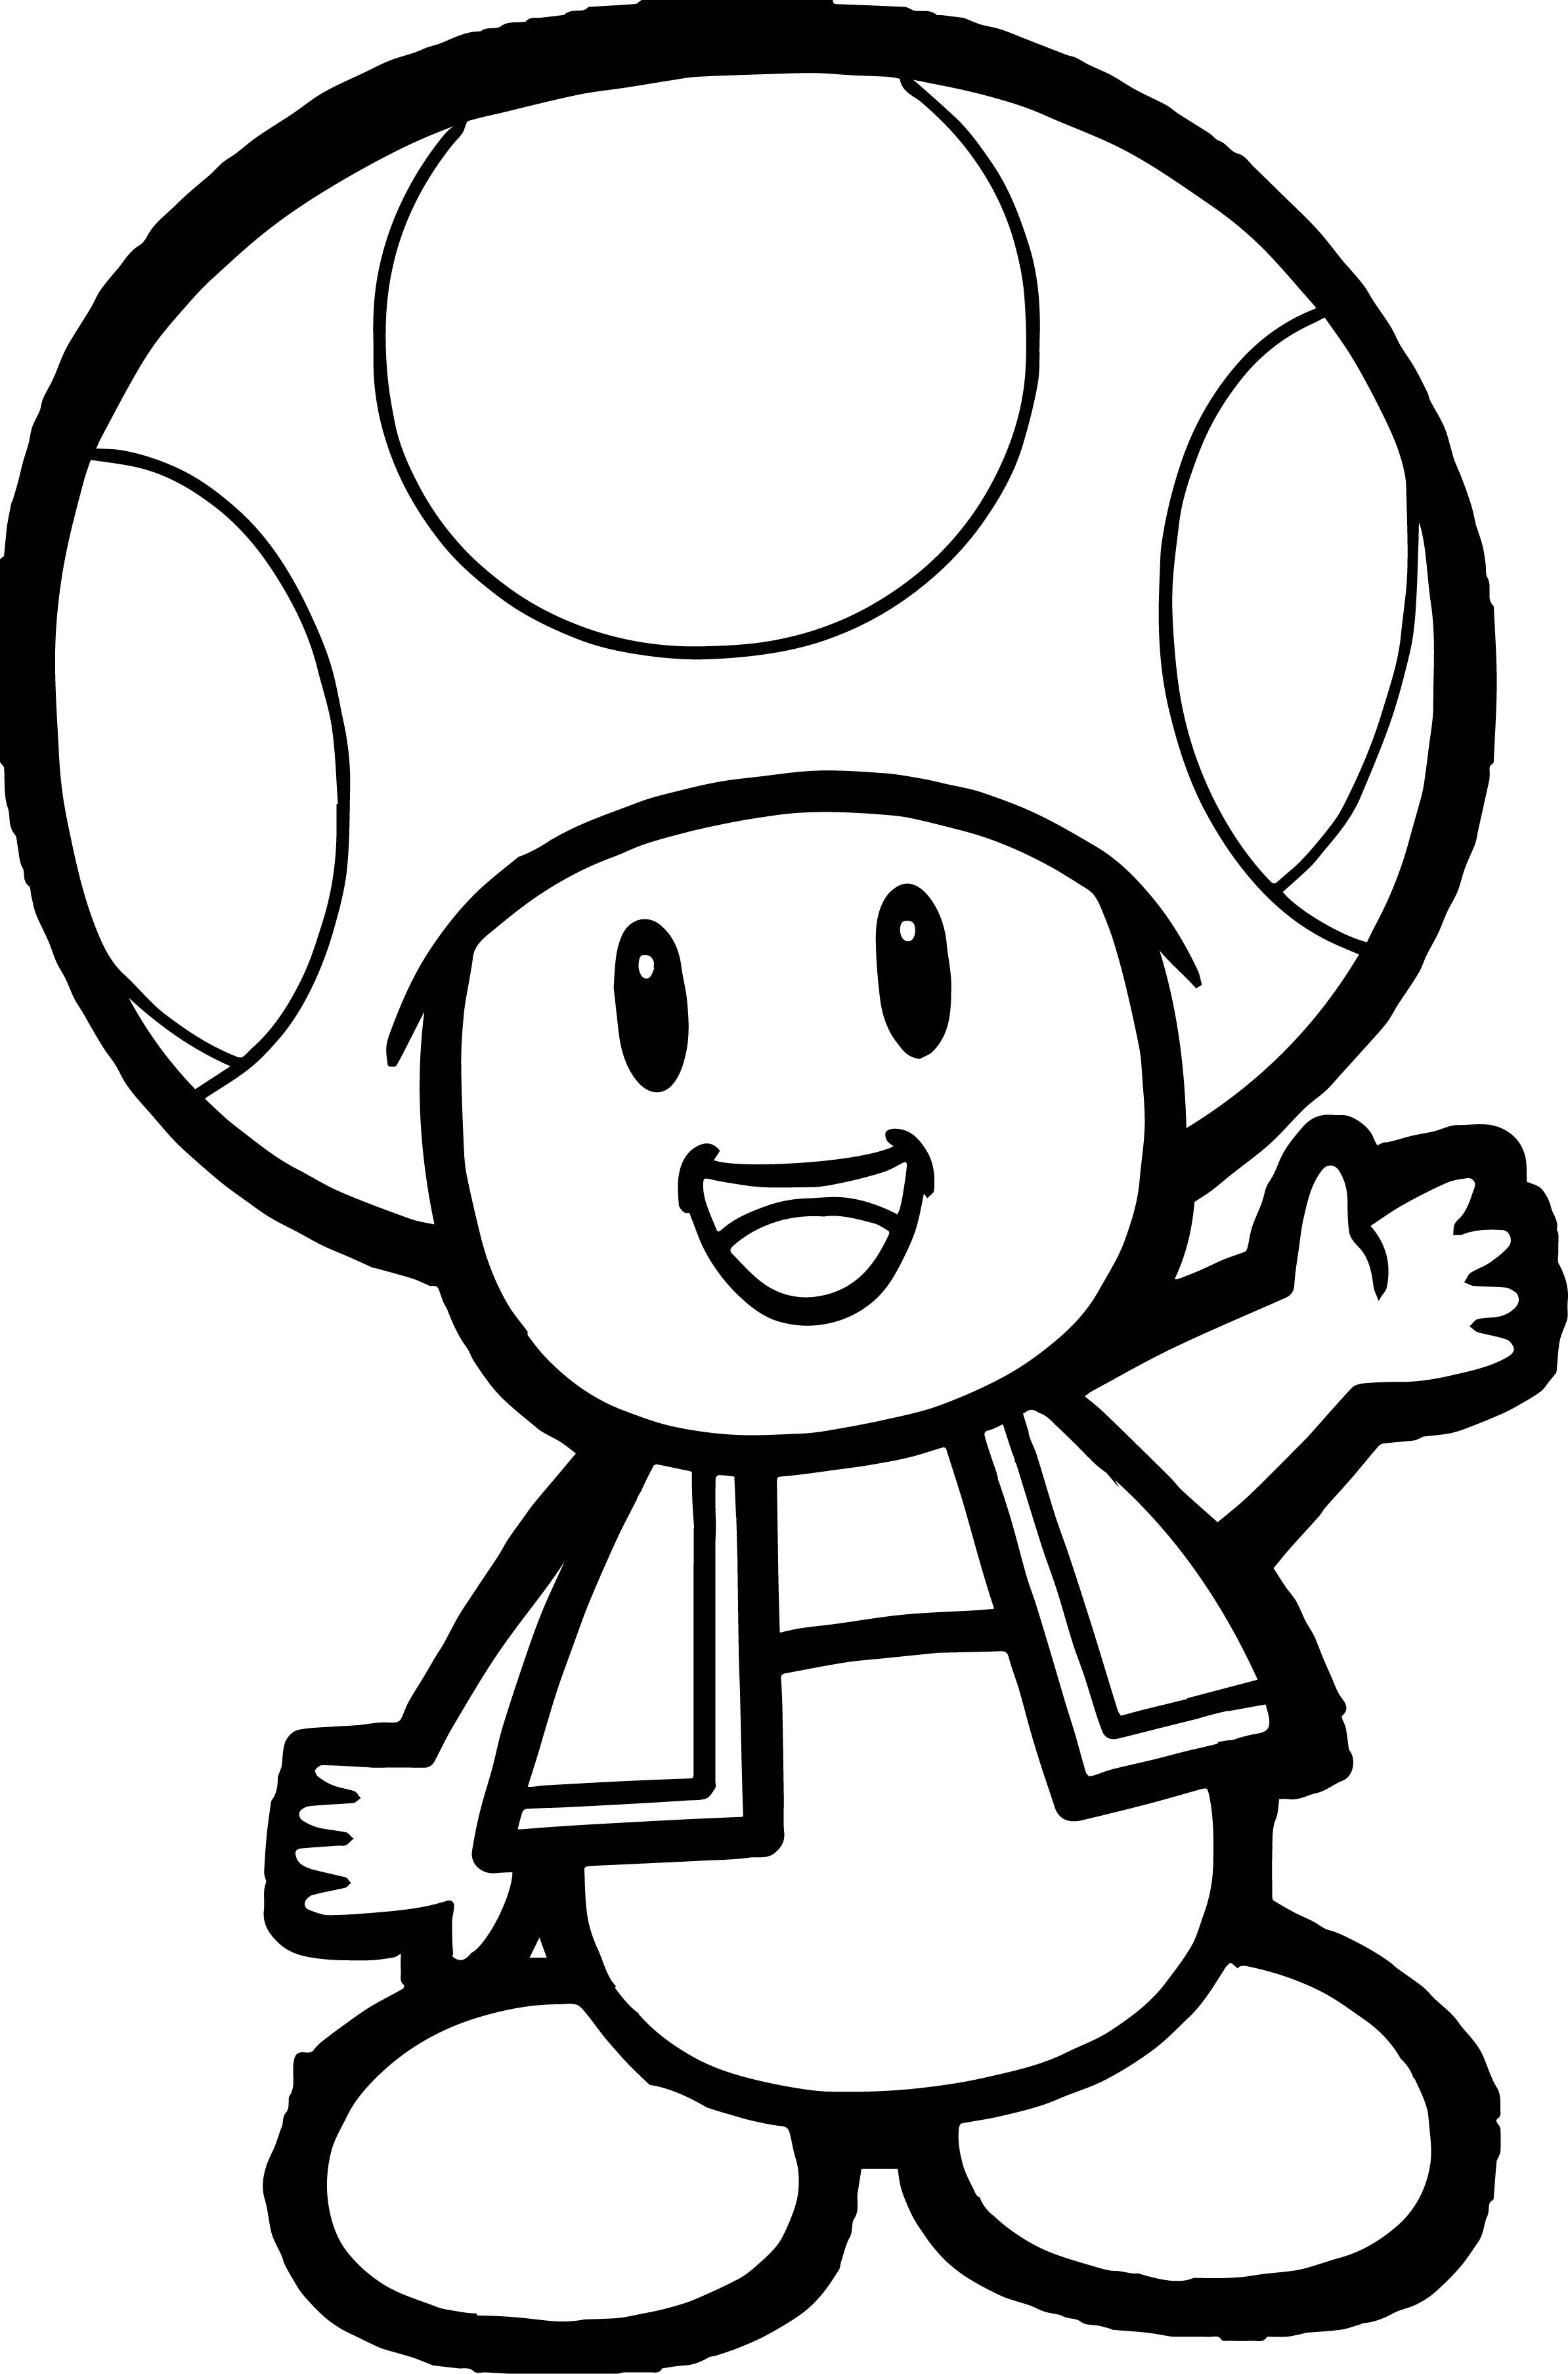 Nice Super Mario Mushroom Coloring Page Mario Coloring Pages Super Mario Coloring Pages Cute Coloring Pages